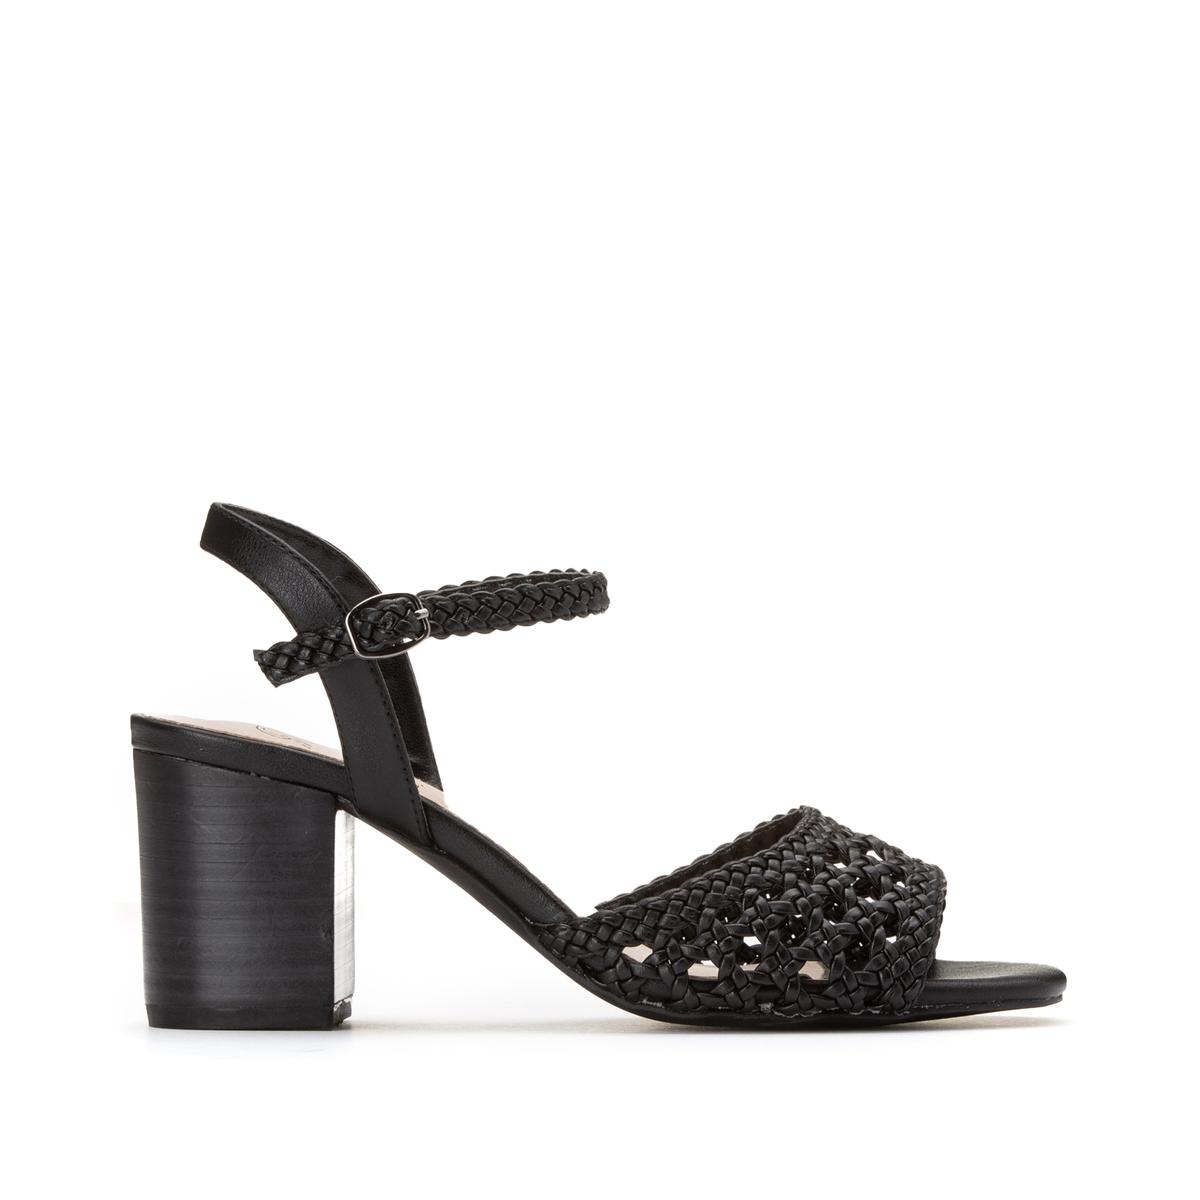 Босоножки La Redoute Плетеные на высоком каблуке 36 черный